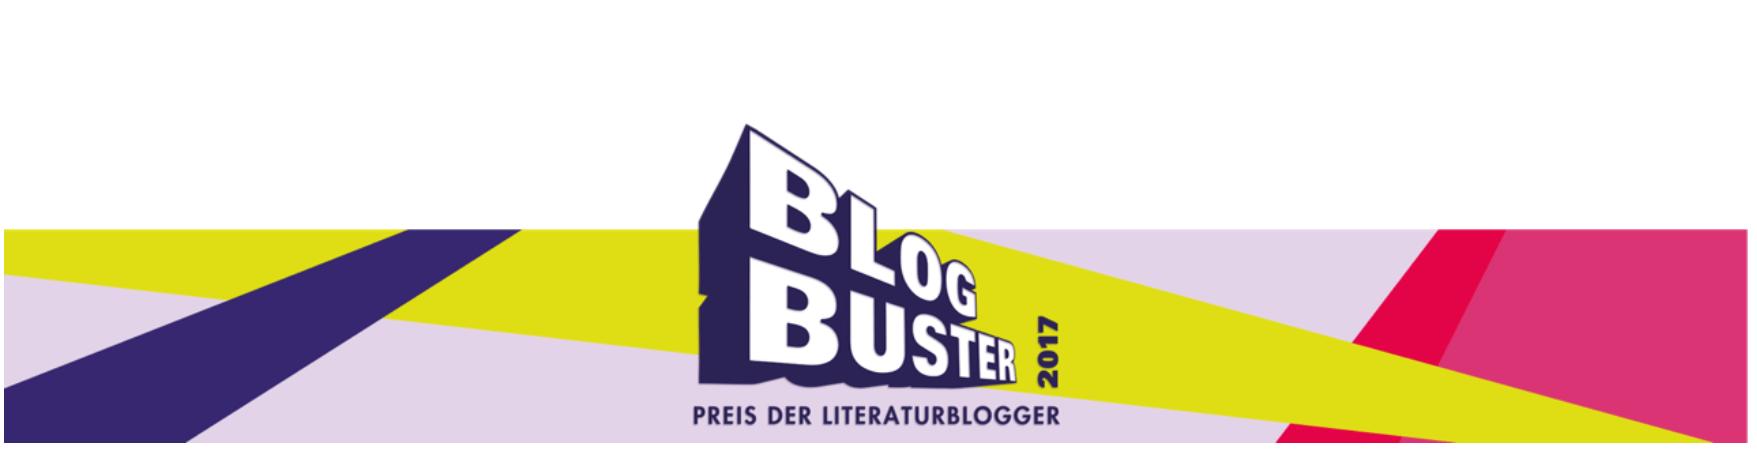 blogbuster preis